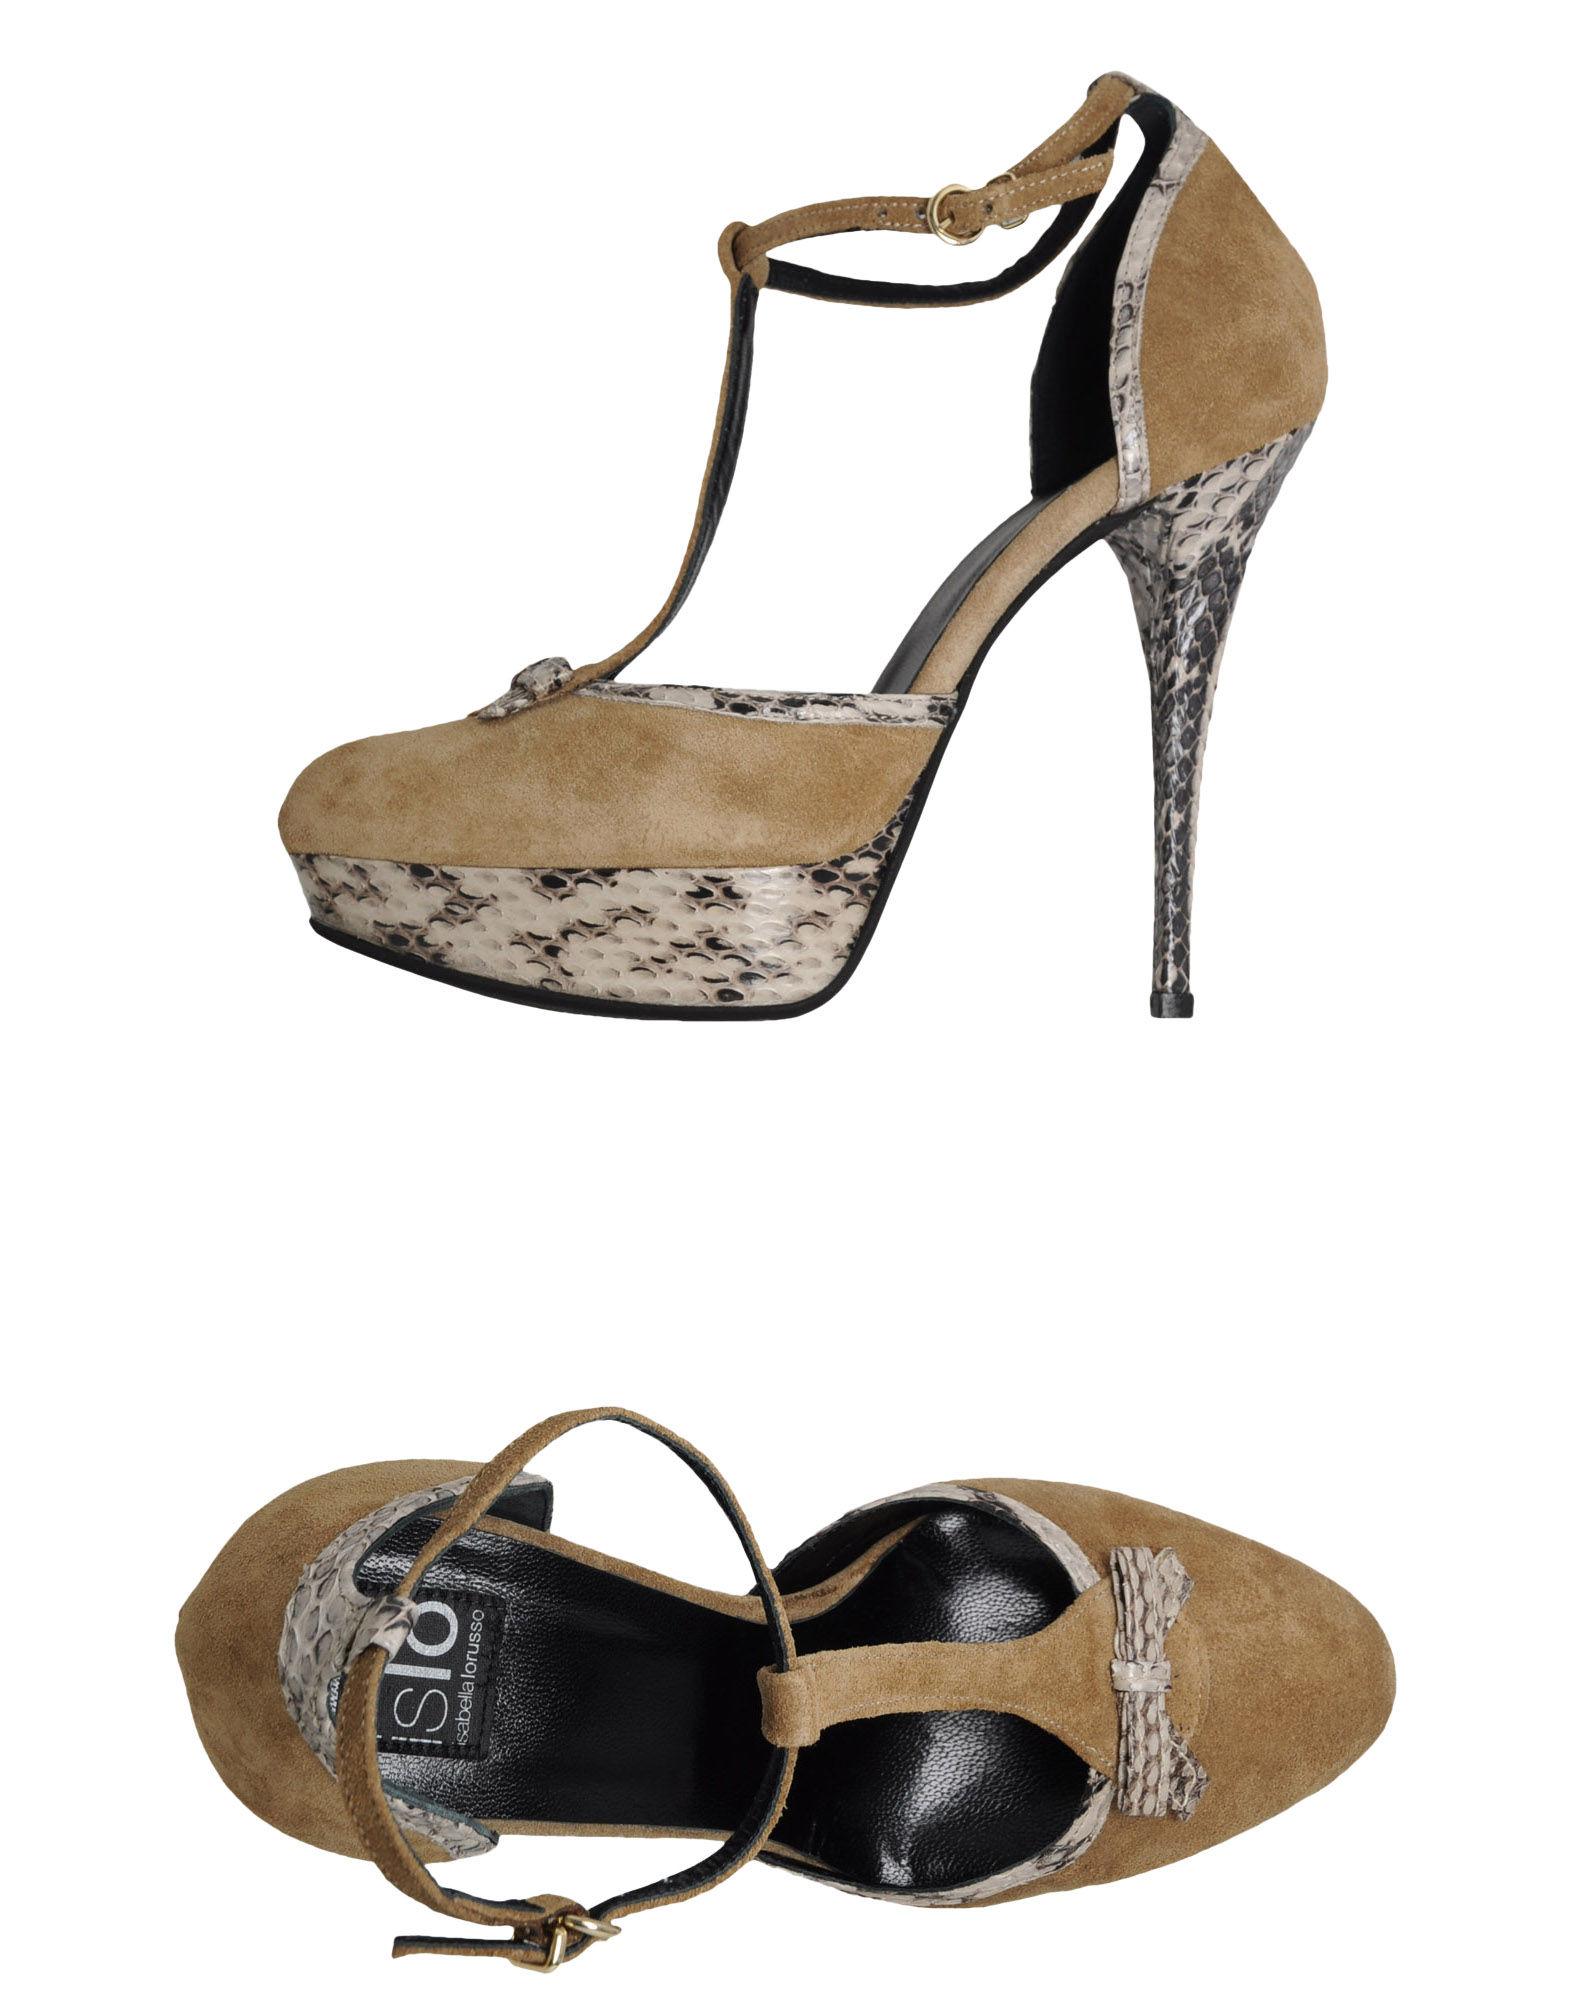 ISLO ISABELLA LORUSSO Туфли на платформе обувь на высокой платформе 1405103495245 2015